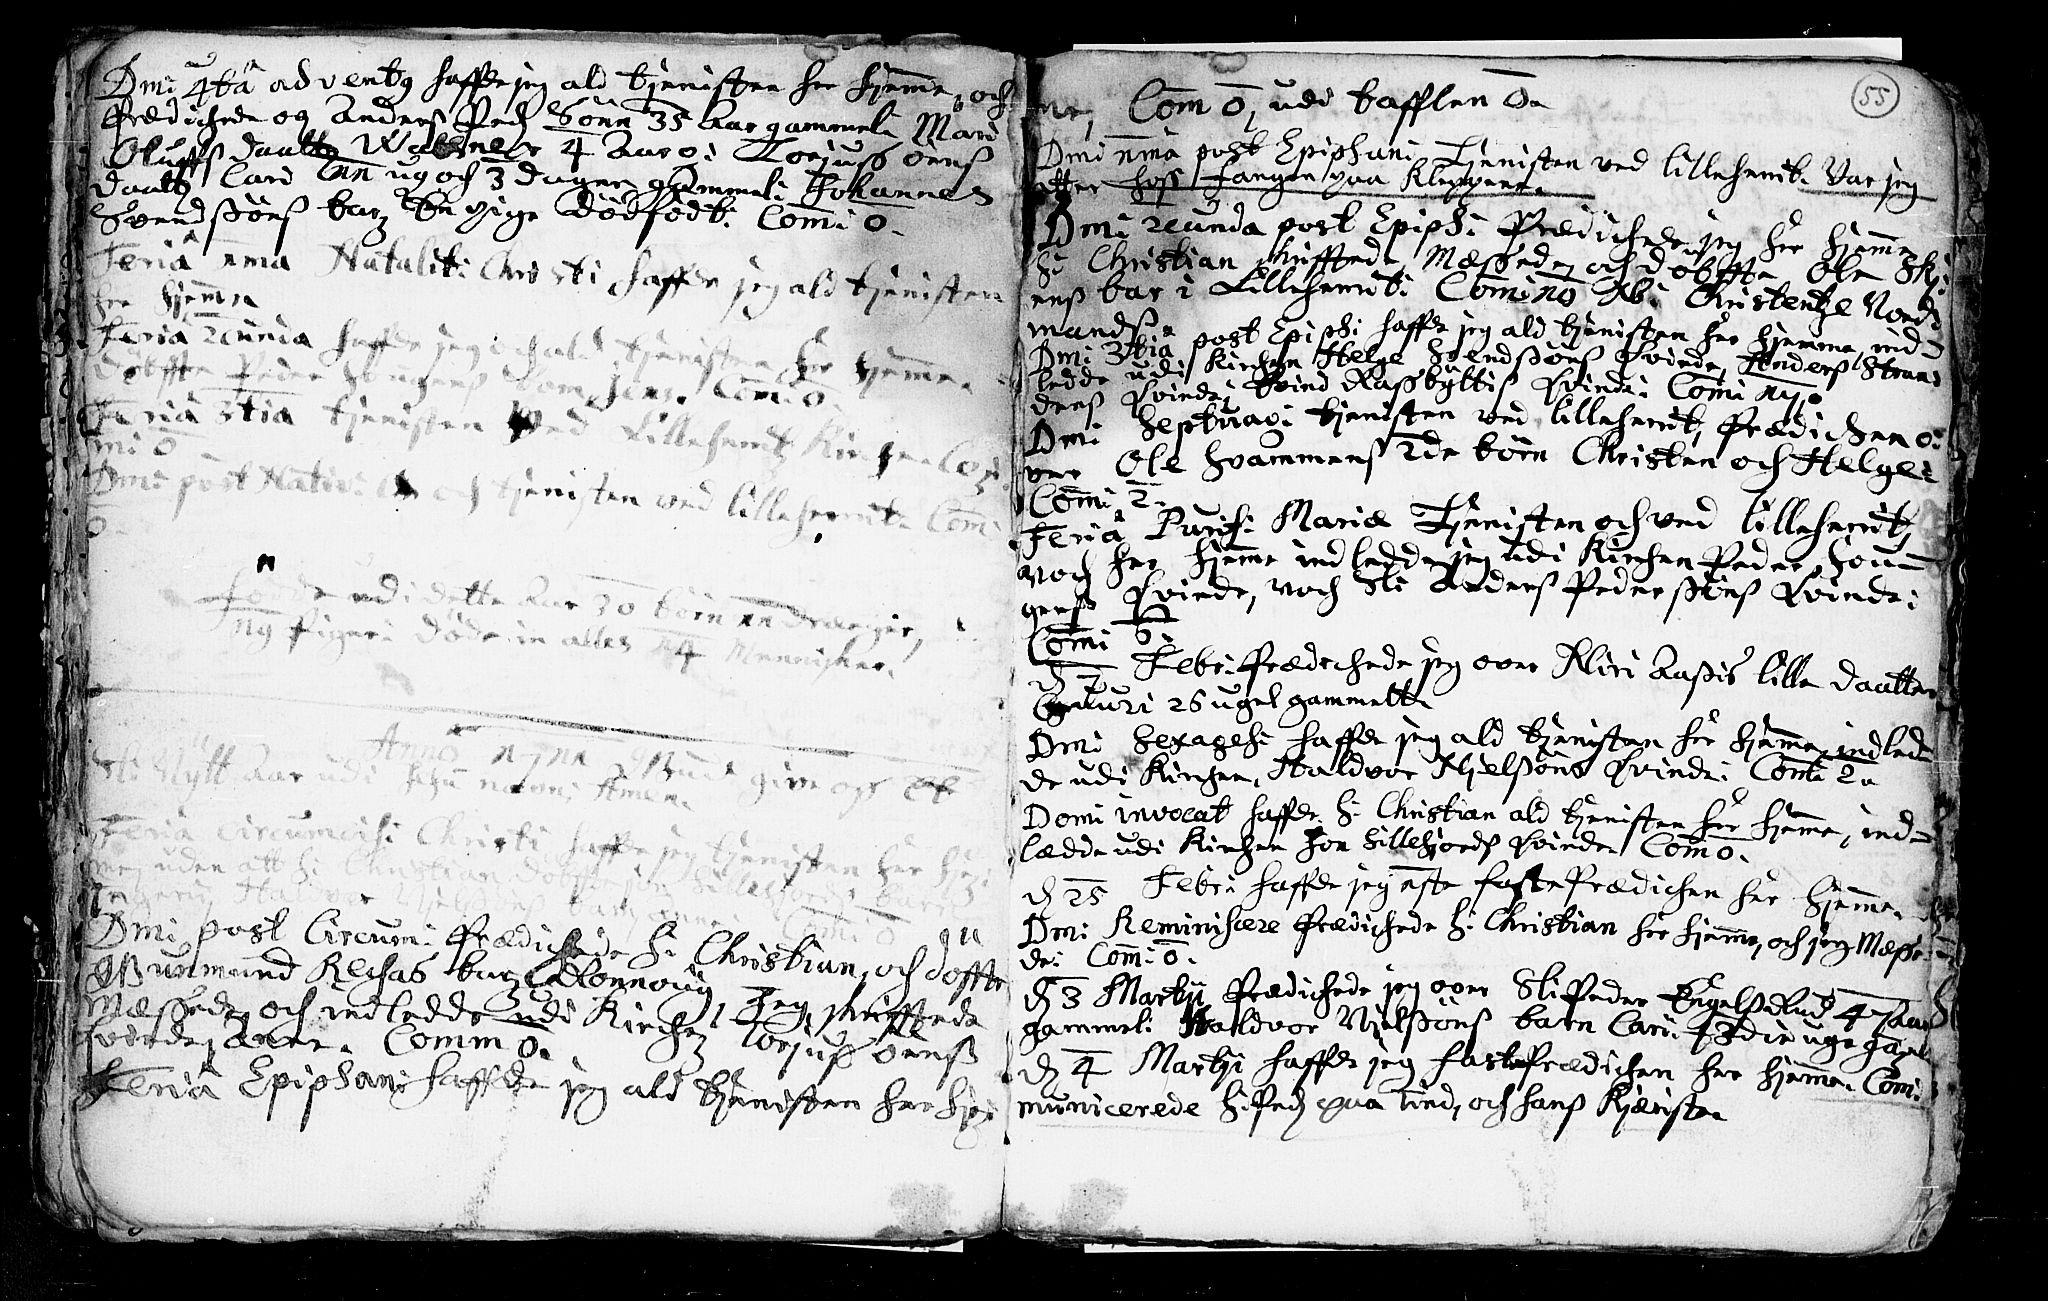 SAKO, Heddal kirkebøker, F/Fa/L0002: Ministerialbok nr. I 2, 1699-1722, s. 55